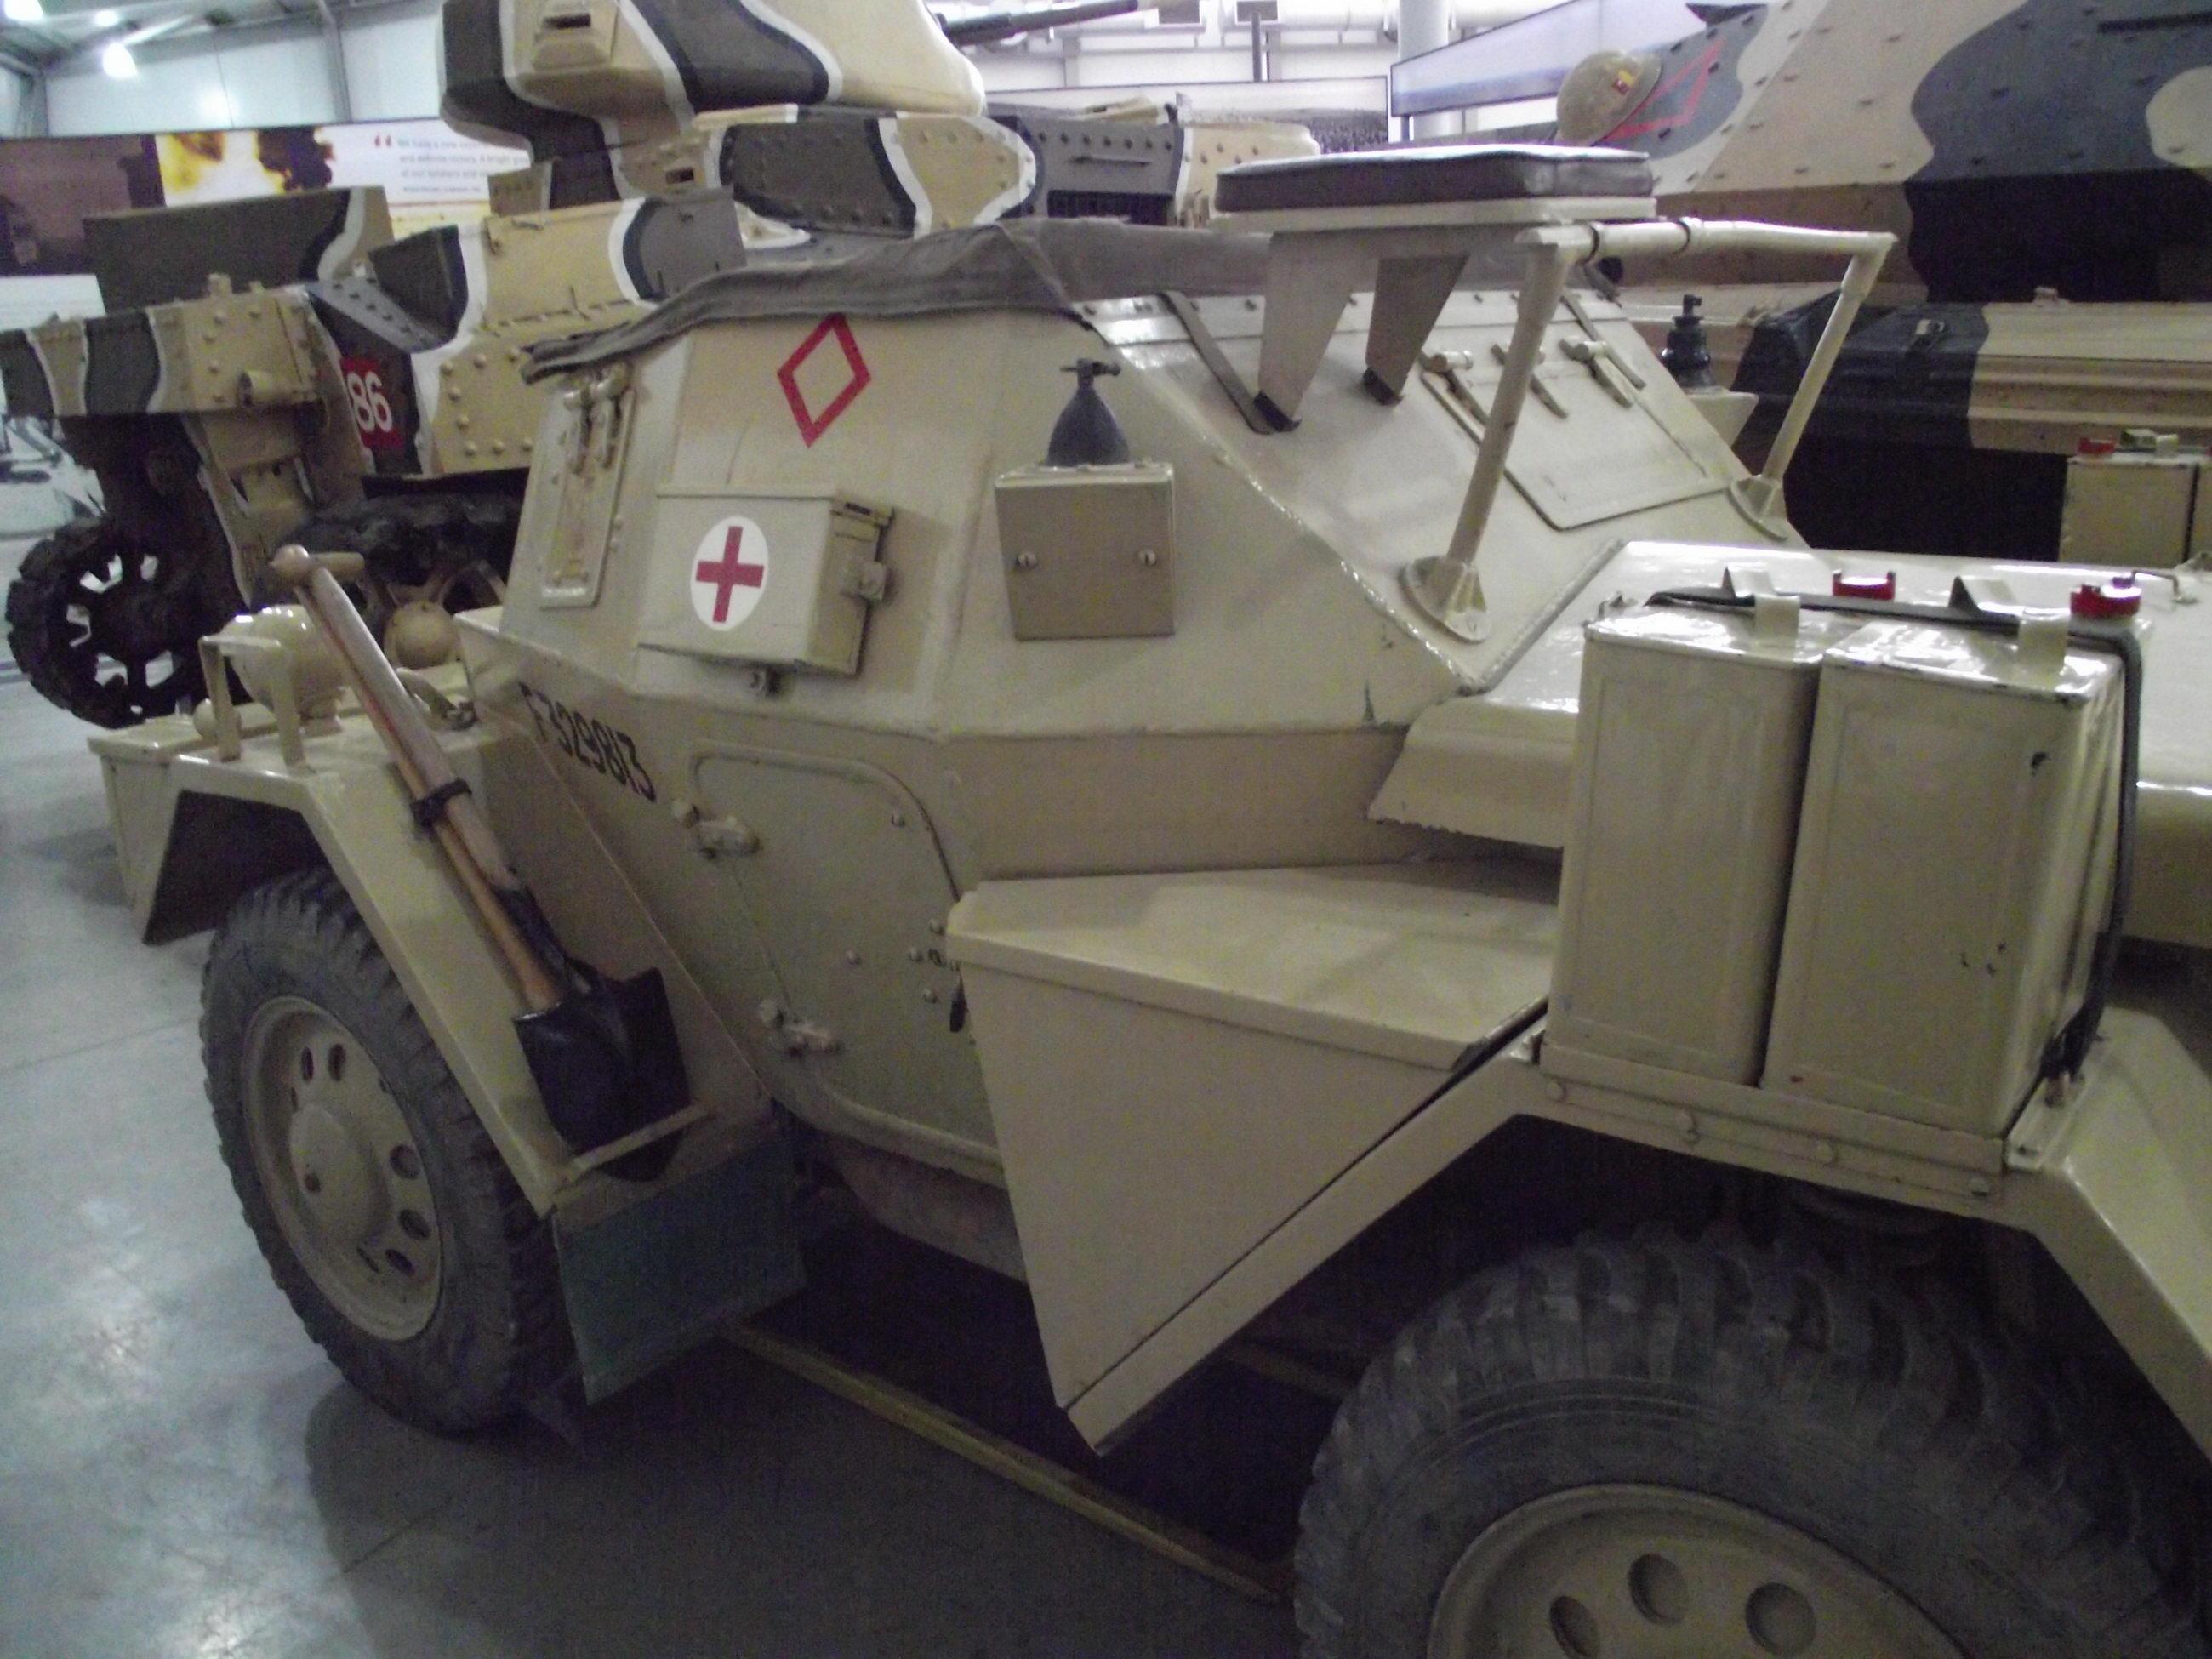 Tank_Museum_20180919_714.jpg